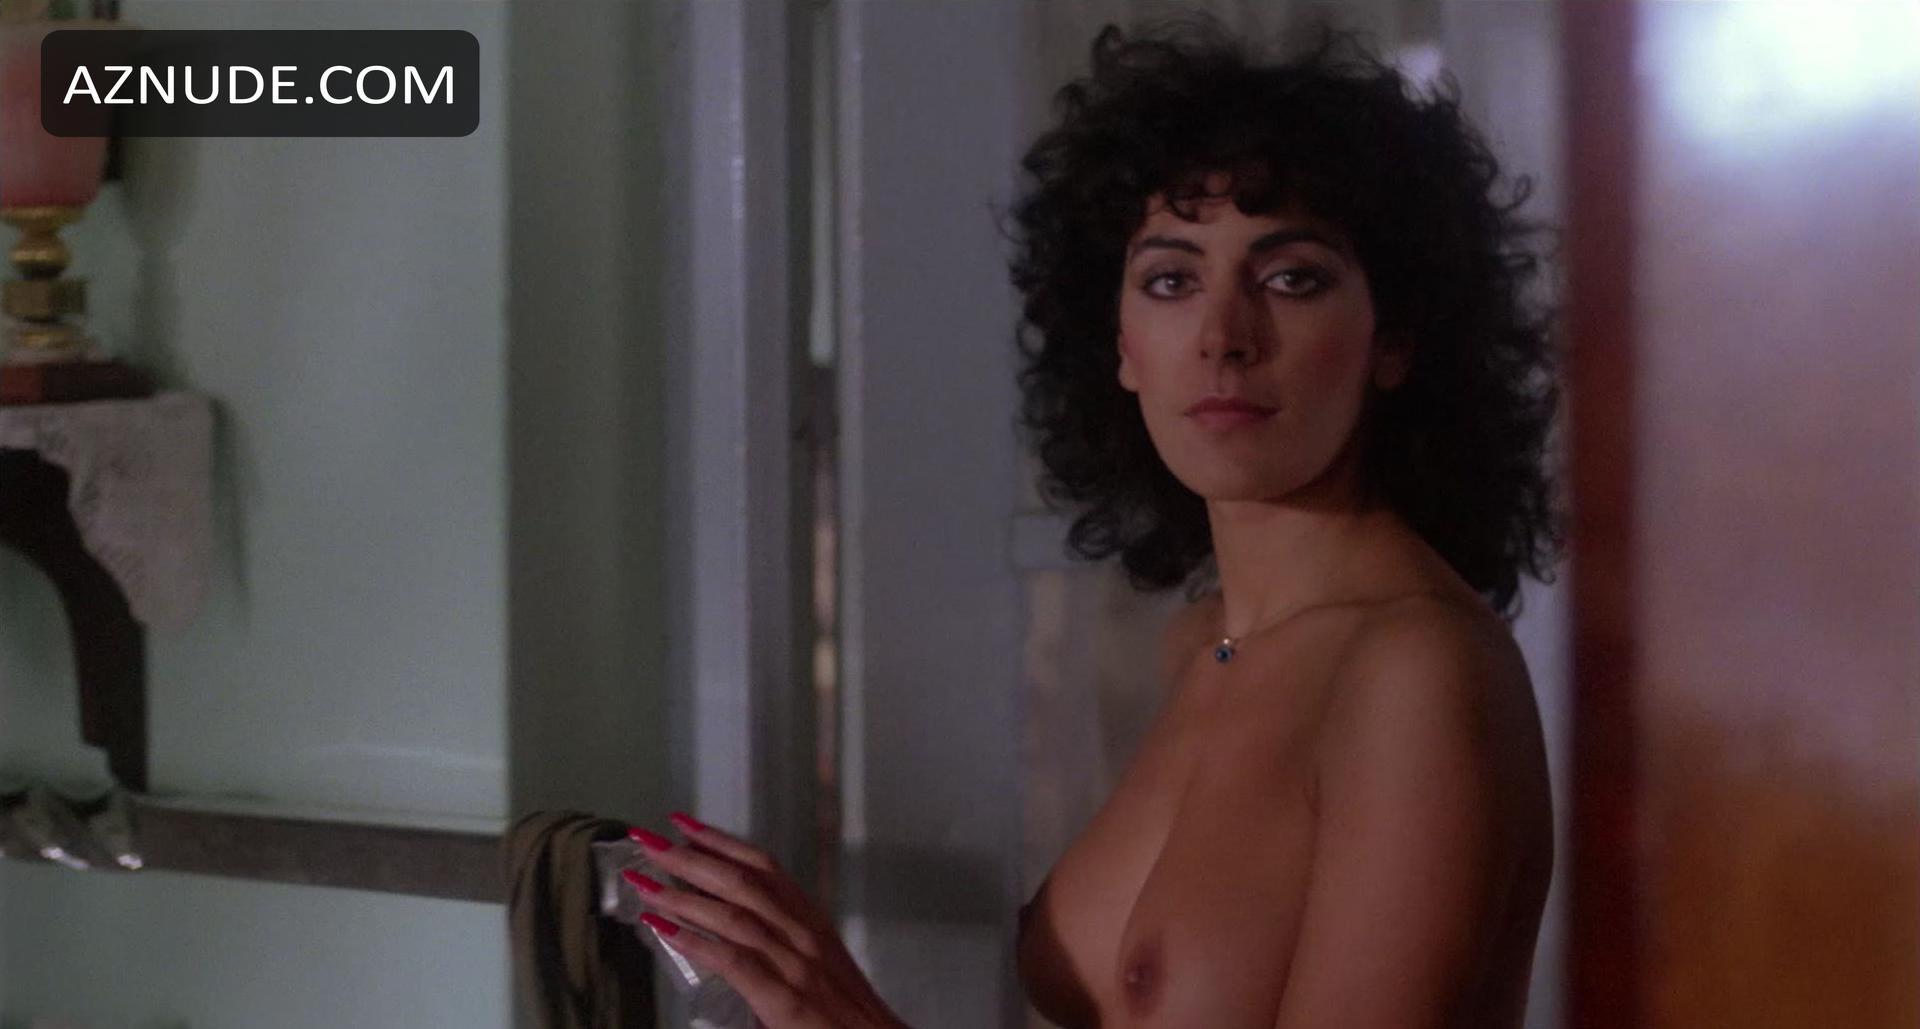 Nude fakes marina sirtis celebrity fakes xxxadultphoto free porn pics of marina sirtis star trek